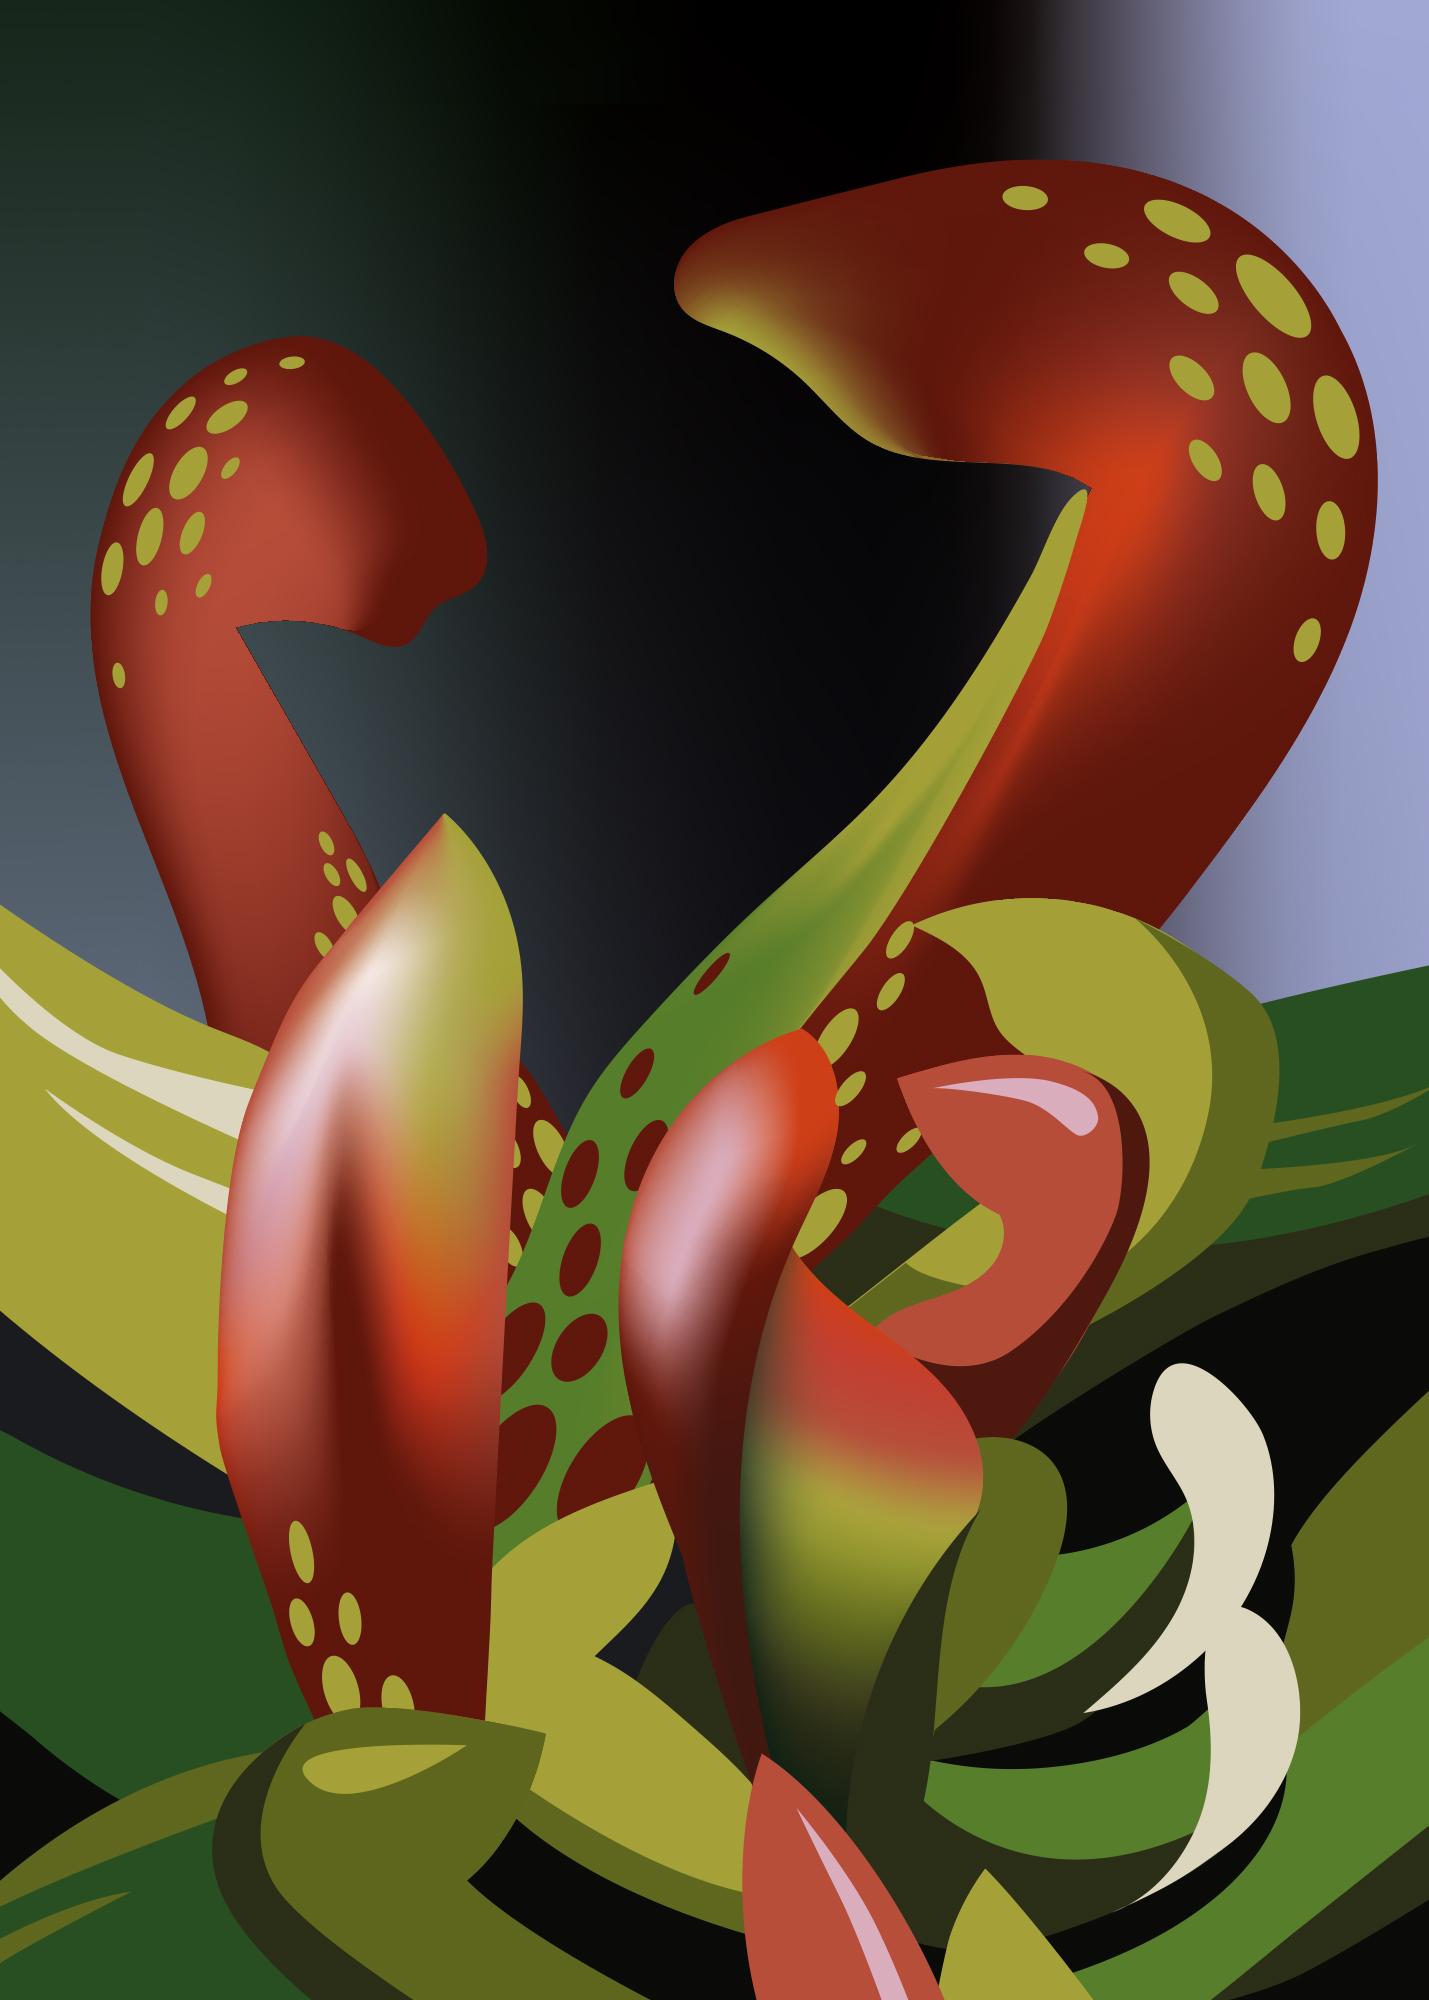 Sarracenia Psittacina (Papageien-Schlauchpflanze), Laura Stoppkotte